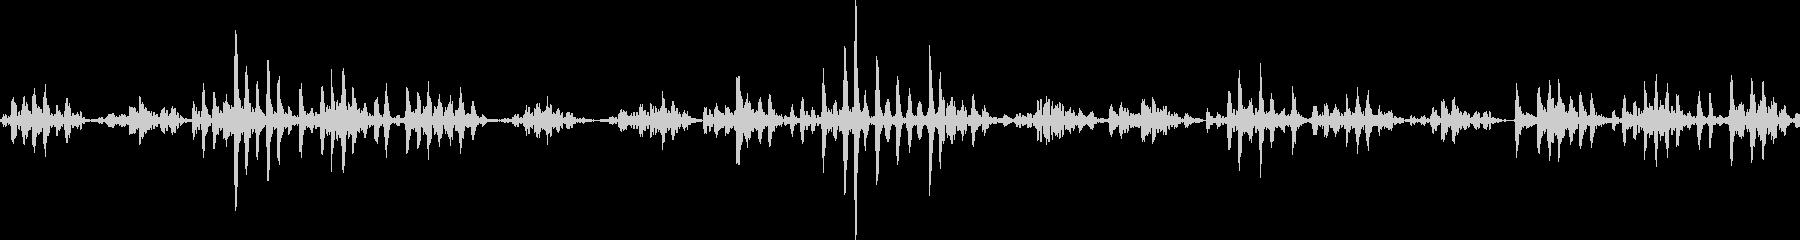 エスニックMS20 1002 ZGの未再生の波形